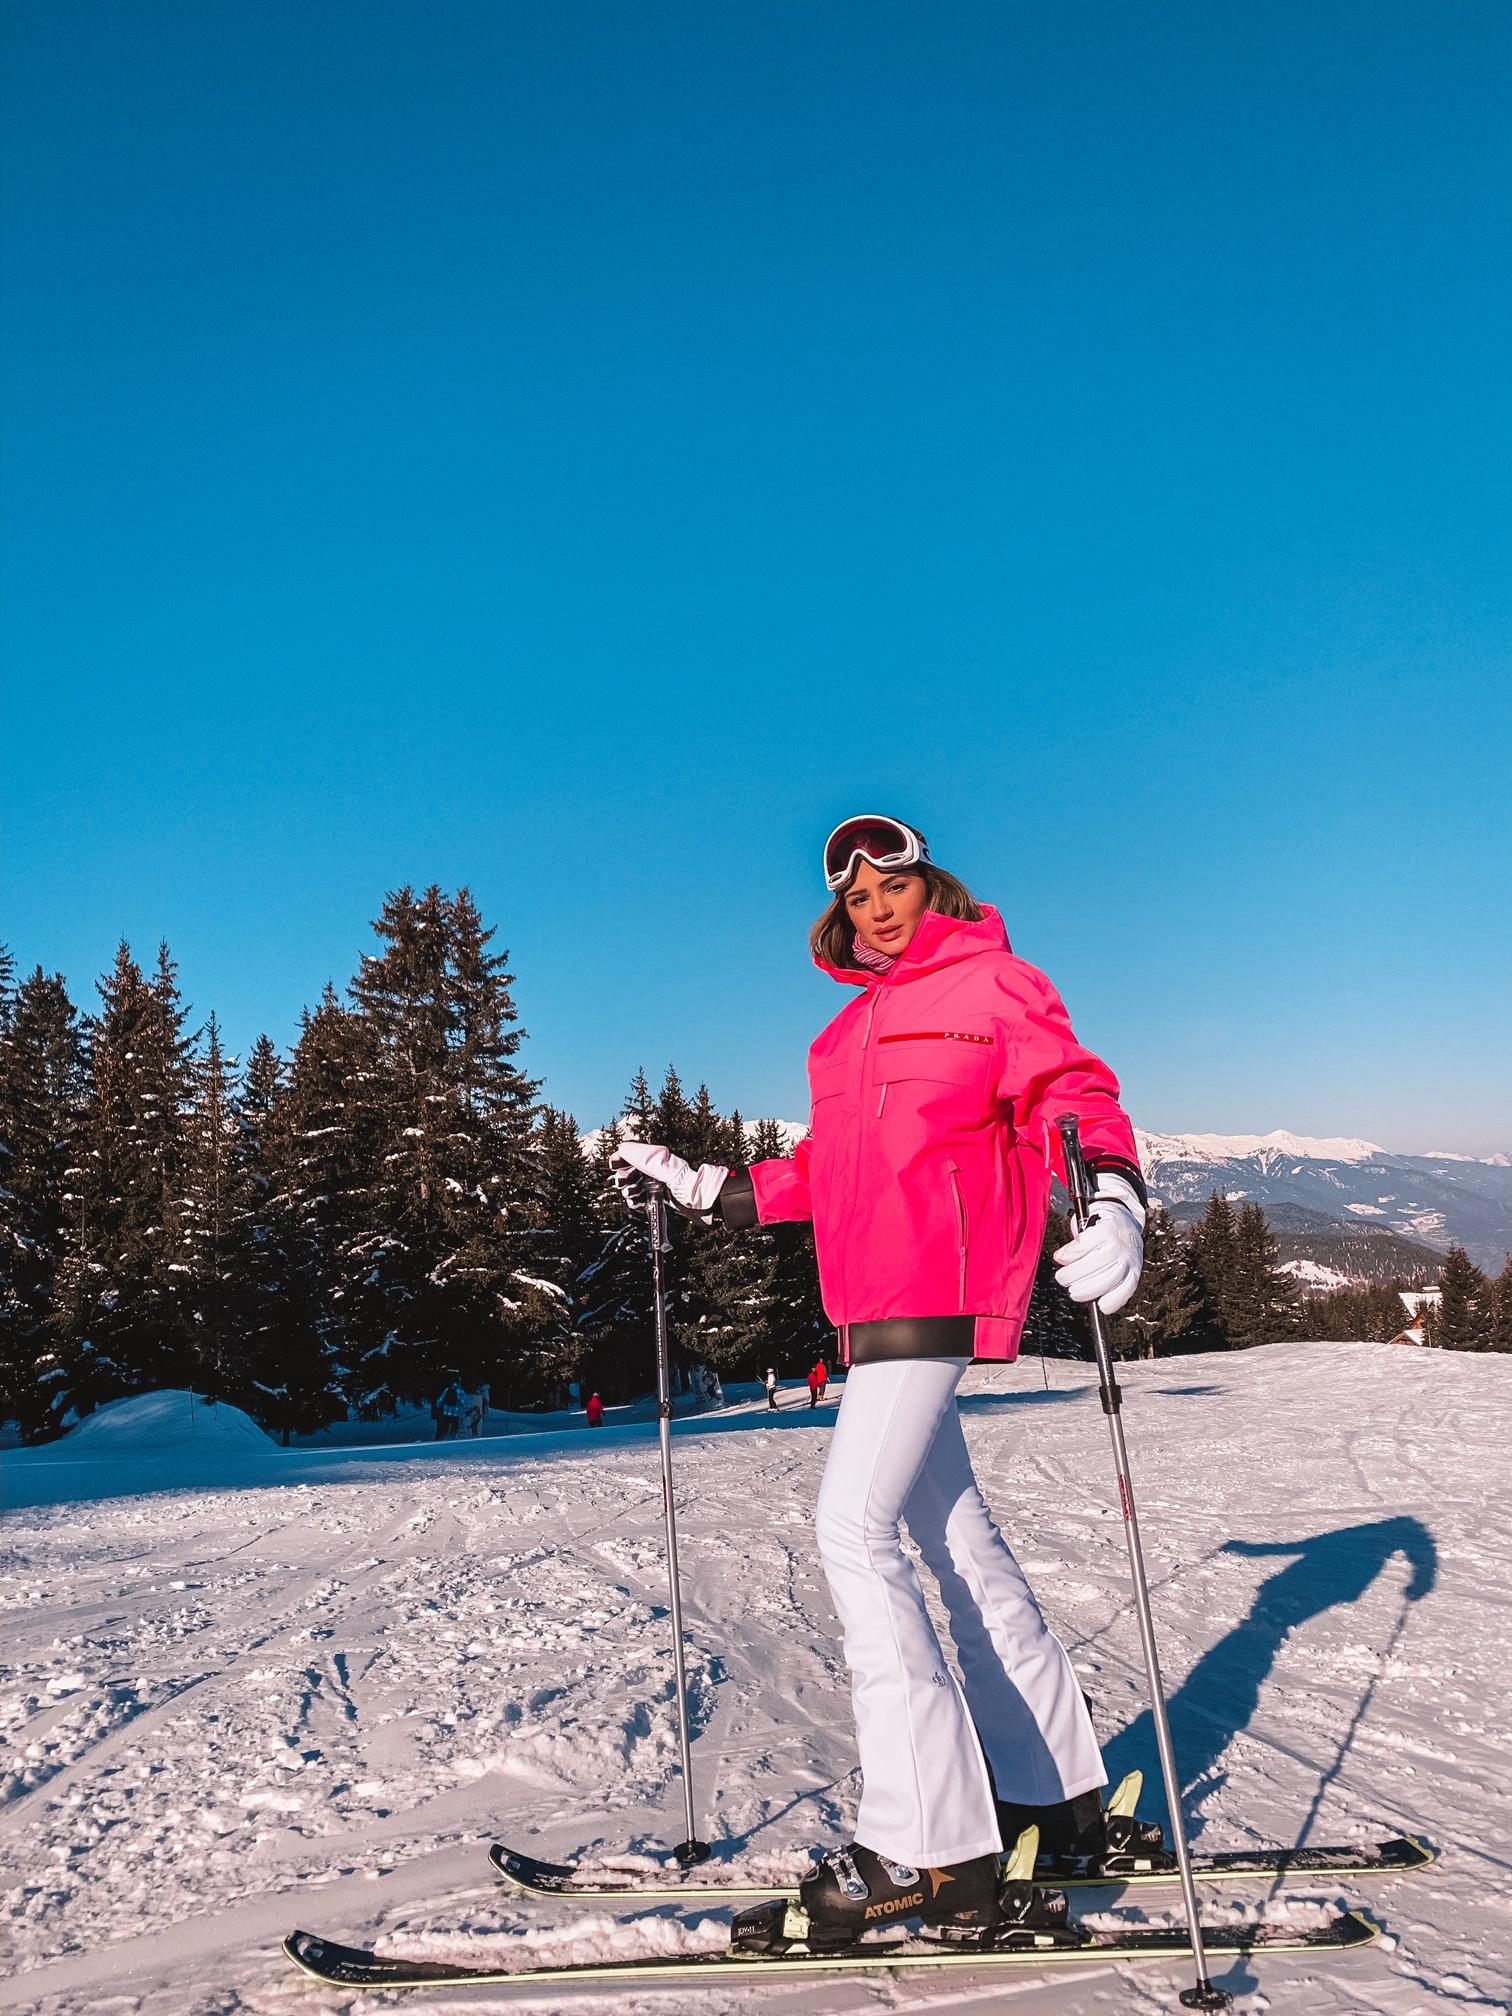 Thássia ski courchevel rosa neon 1